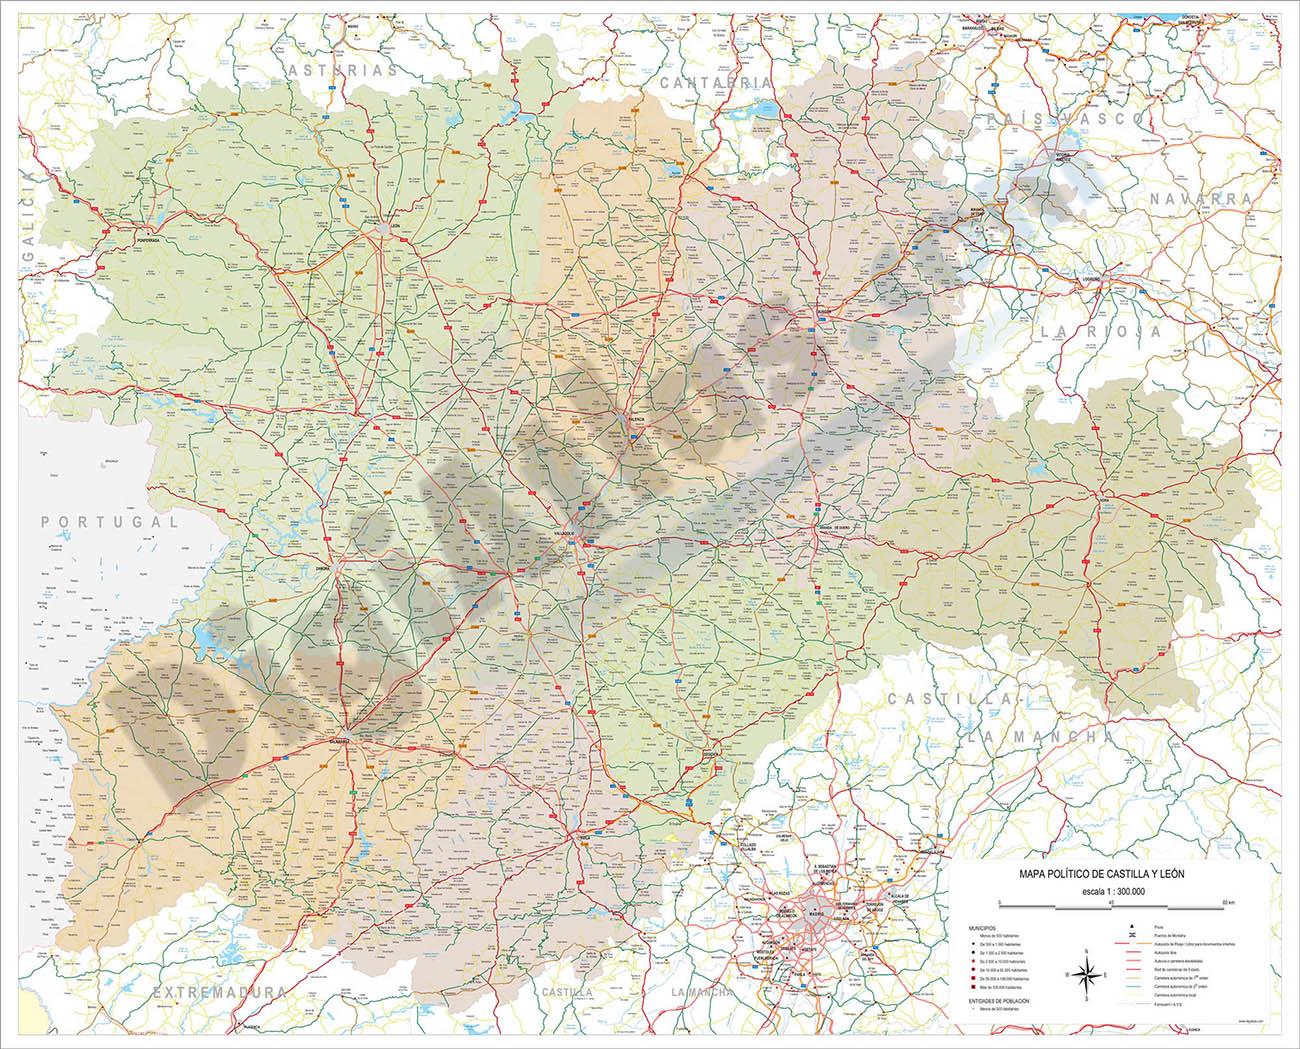 Mapa autonmico de castilla y len